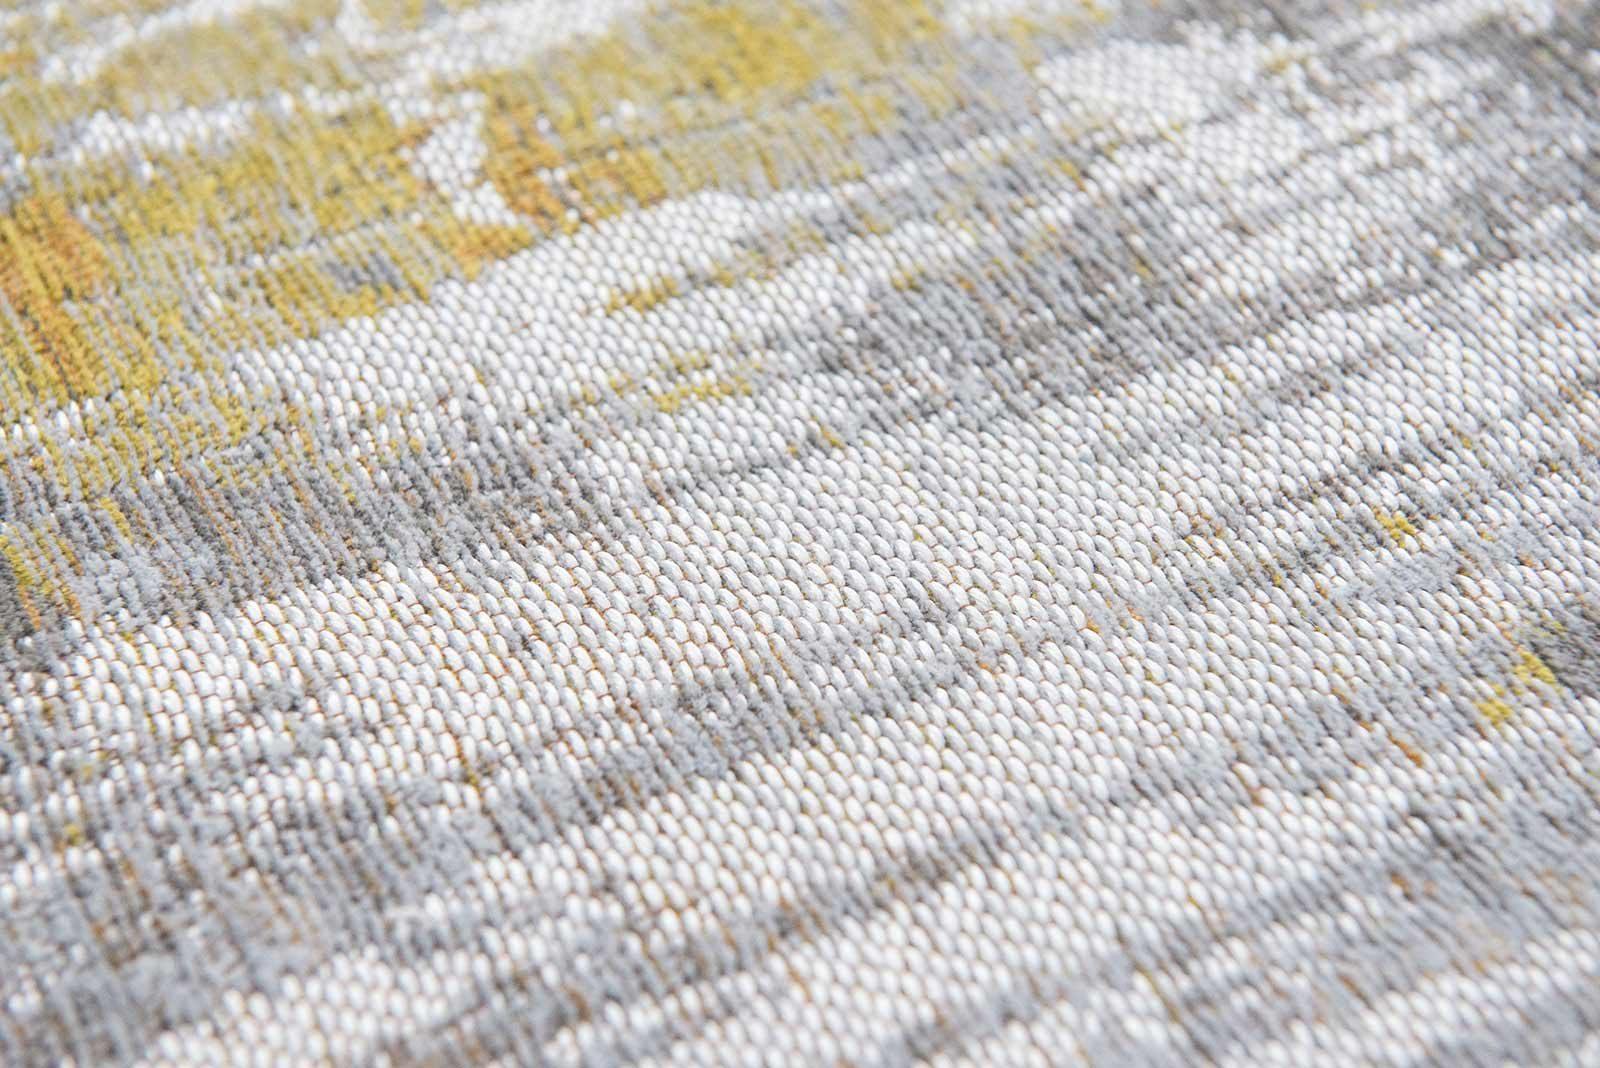 alfombras Louis De Poortere LX8715 Atlantic Streaks Sea Bright Sunny zoom